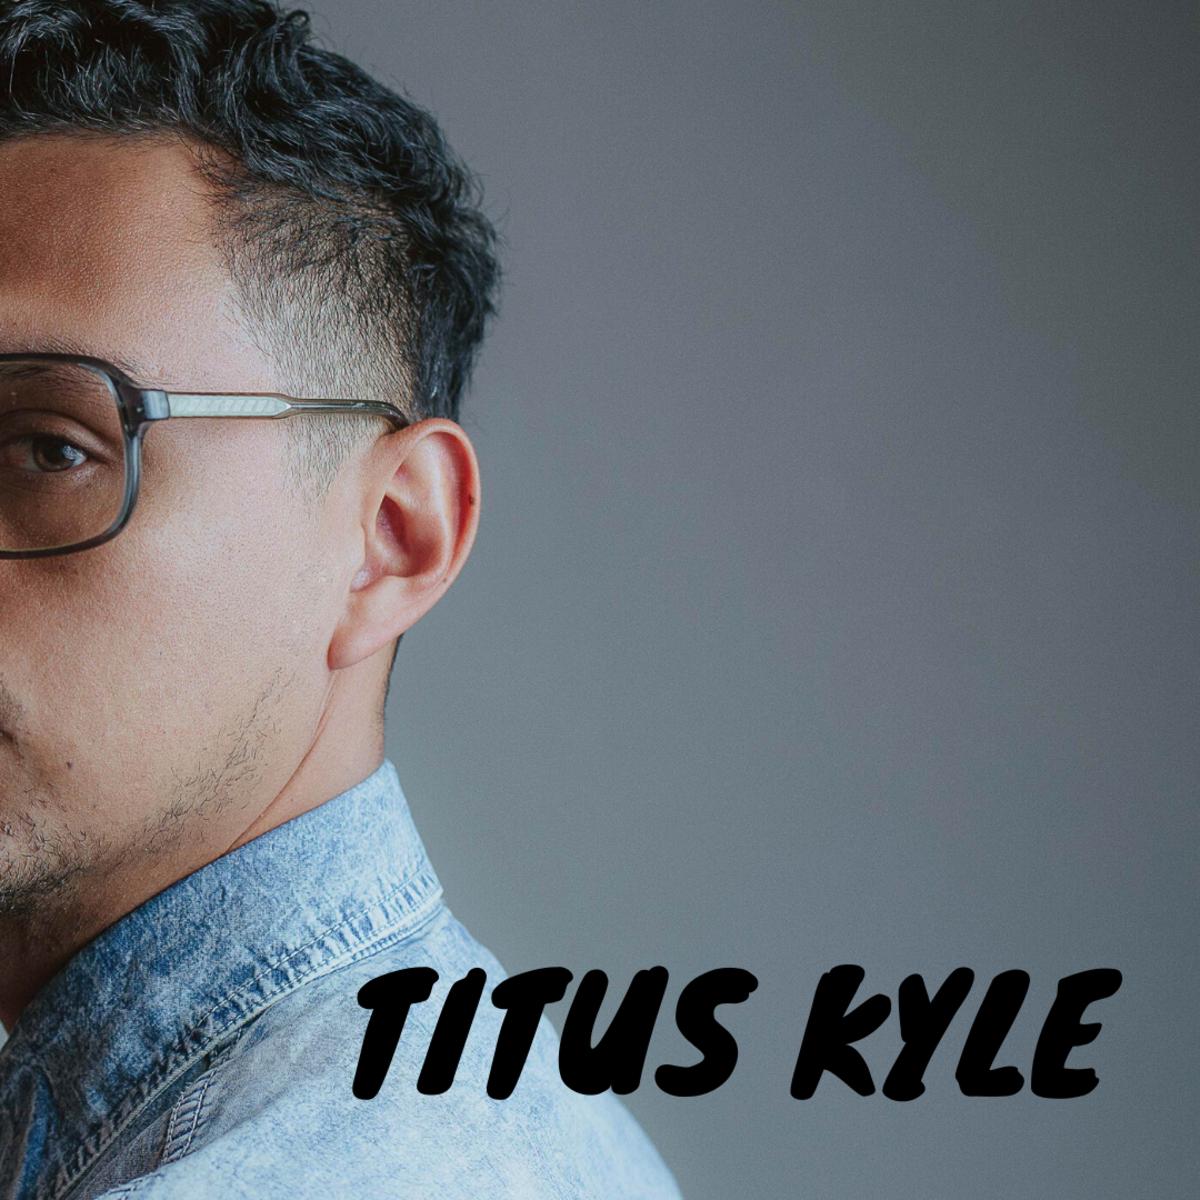 Titus Kyle